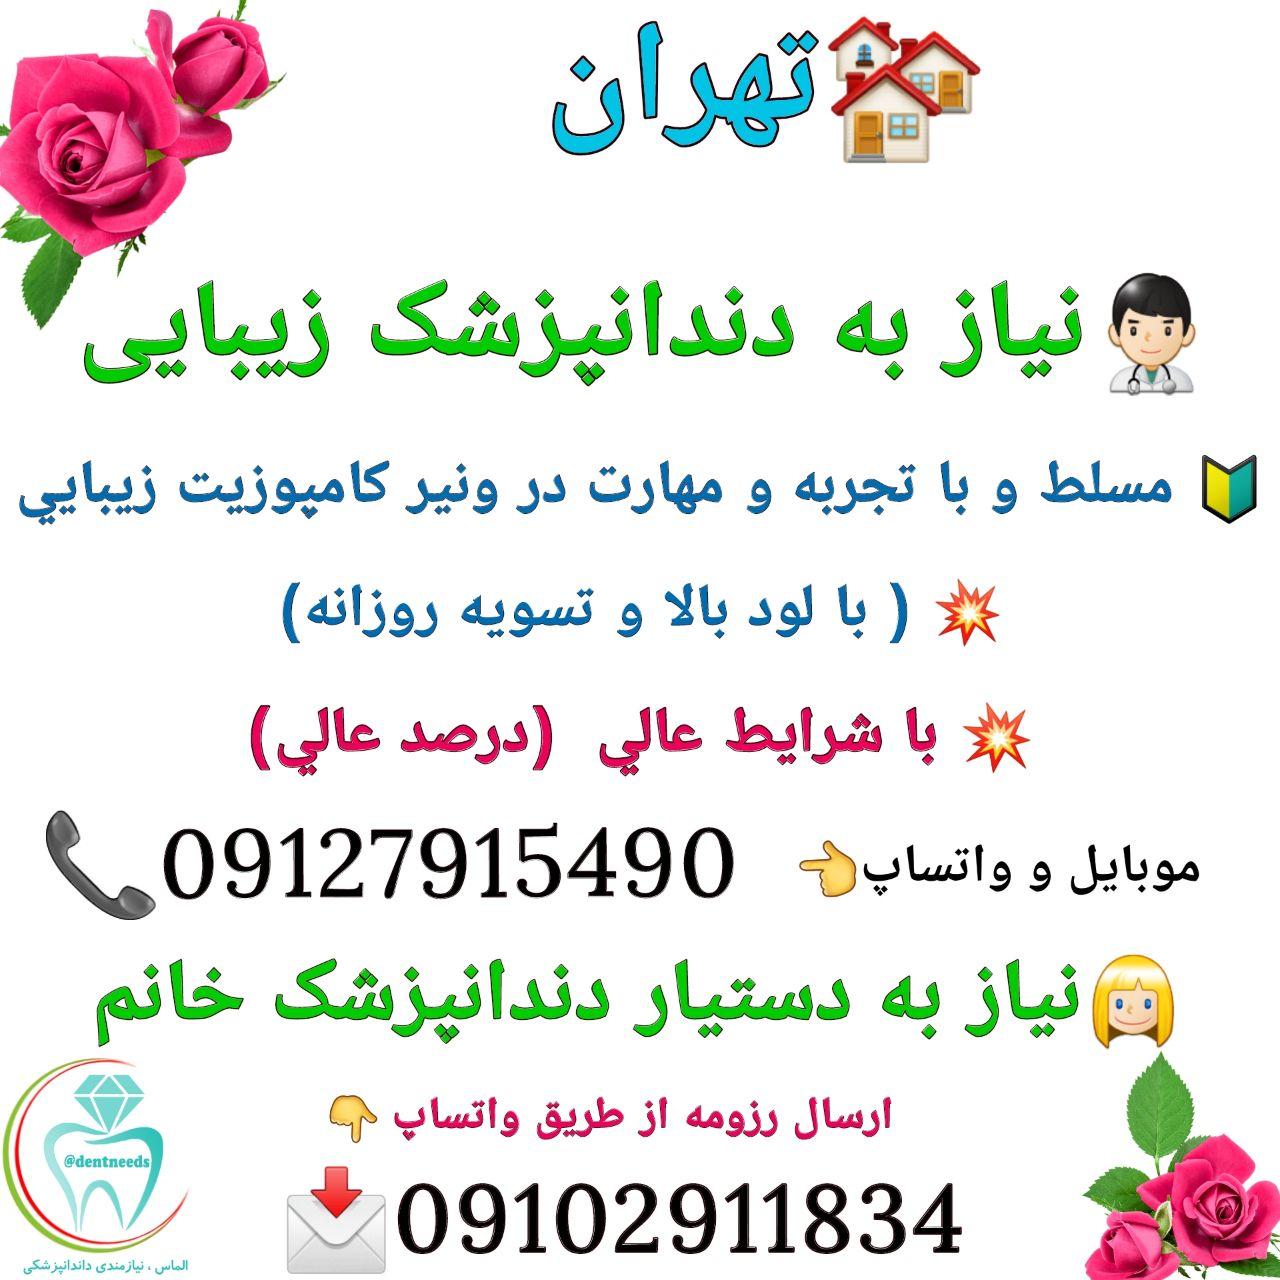 تهران: نیاز به دندانپزشک زیبایی، و نیاز به دستیار دندانپزشک خانم